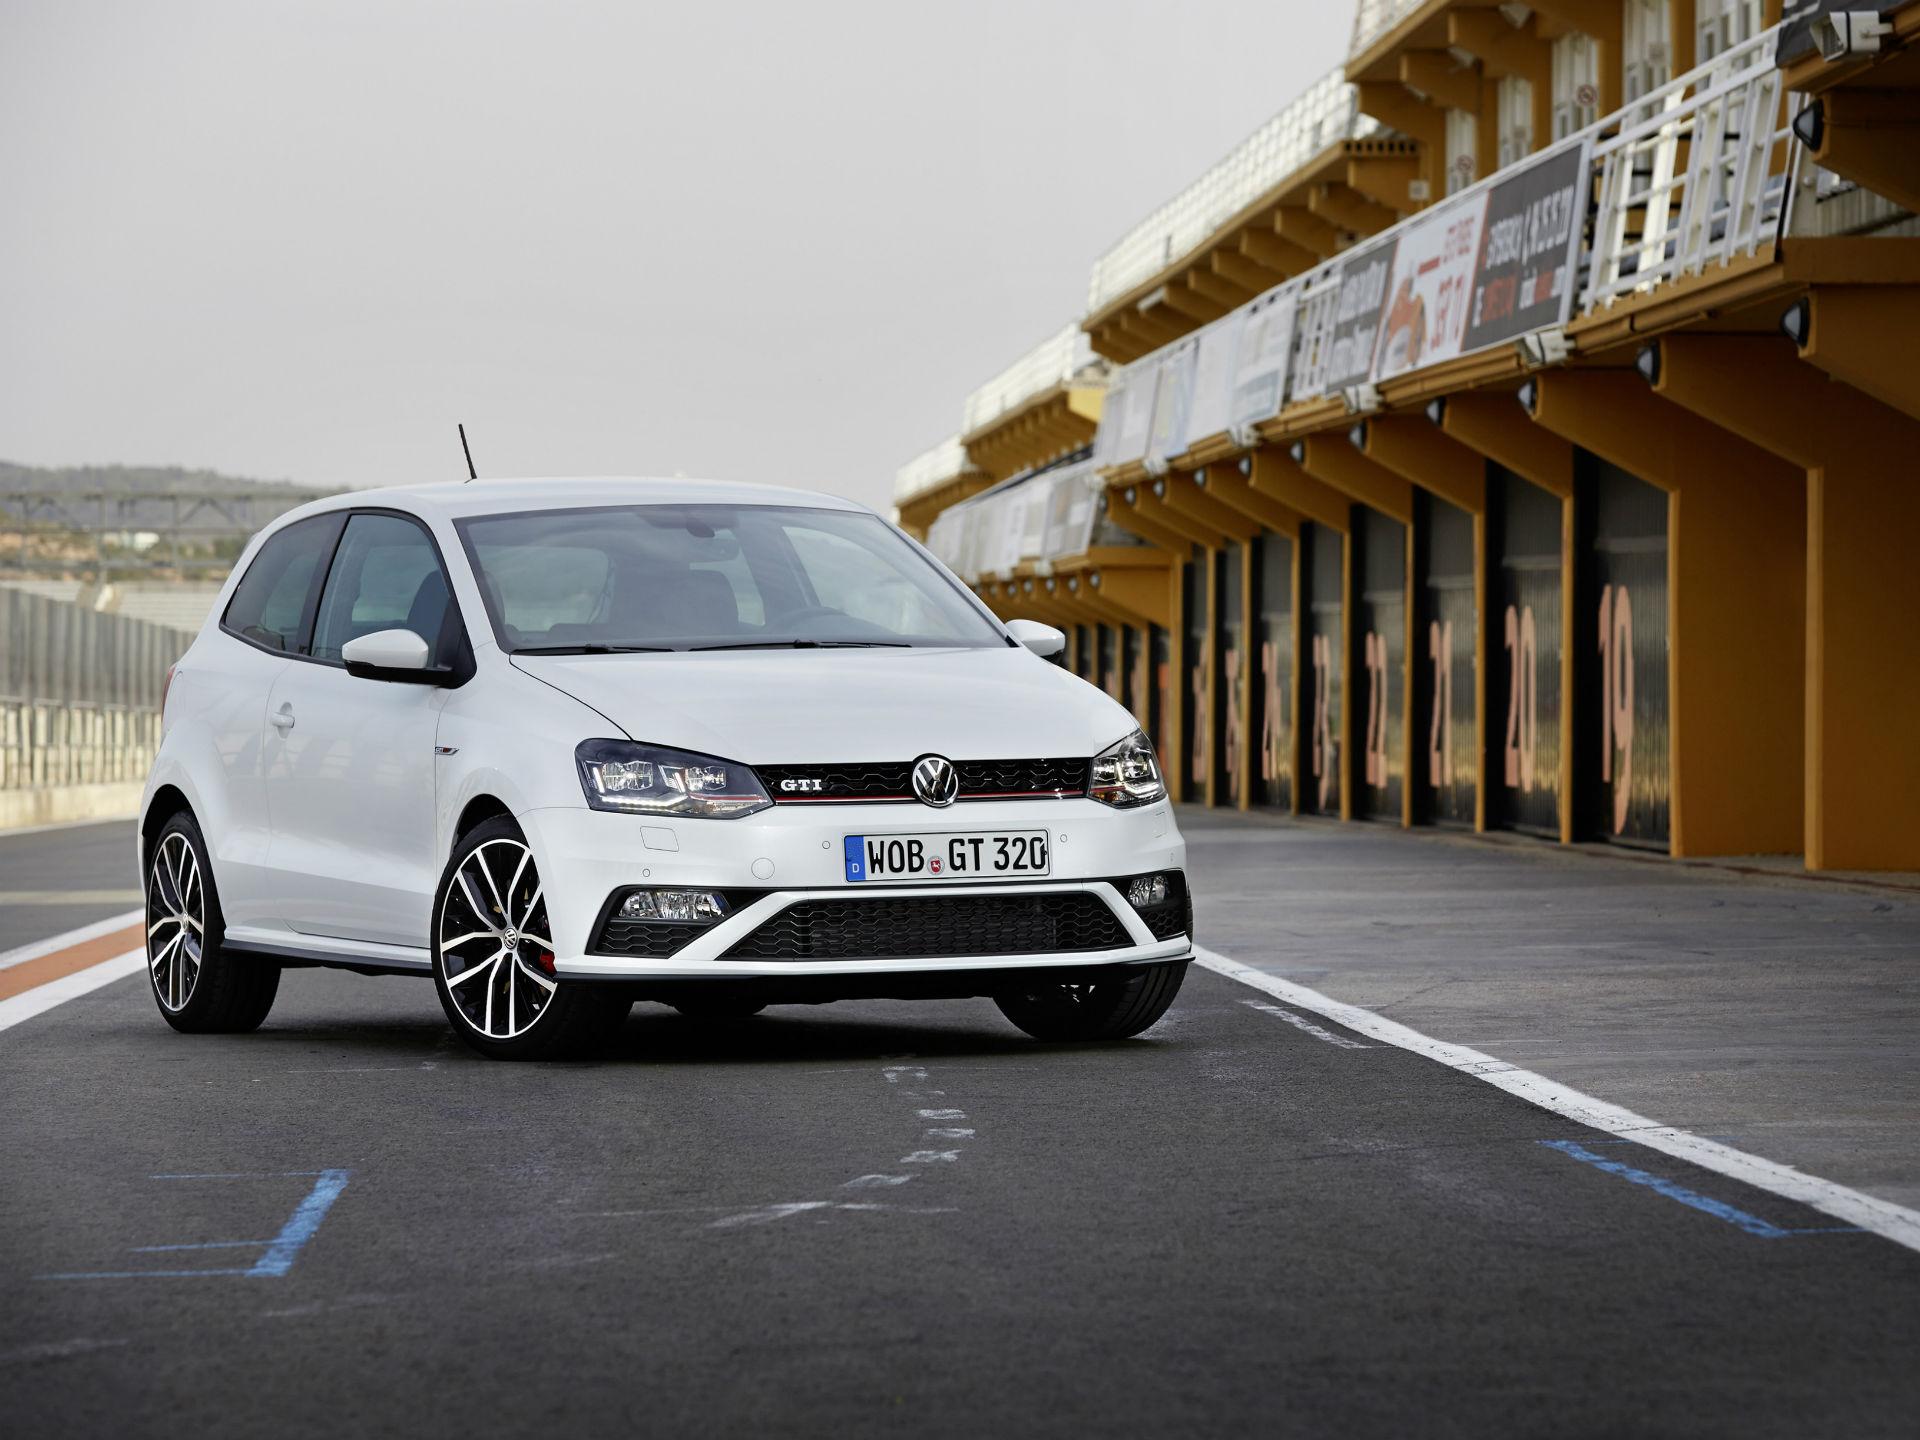 Sin duda 001 de los mejores ejemplos de lo que significa Polo, para la industria y para la marca. Su buen manejo, motor TSI turbocargado y acabados lo hicieron 001 de los favoritos. Foto: Volkswagen